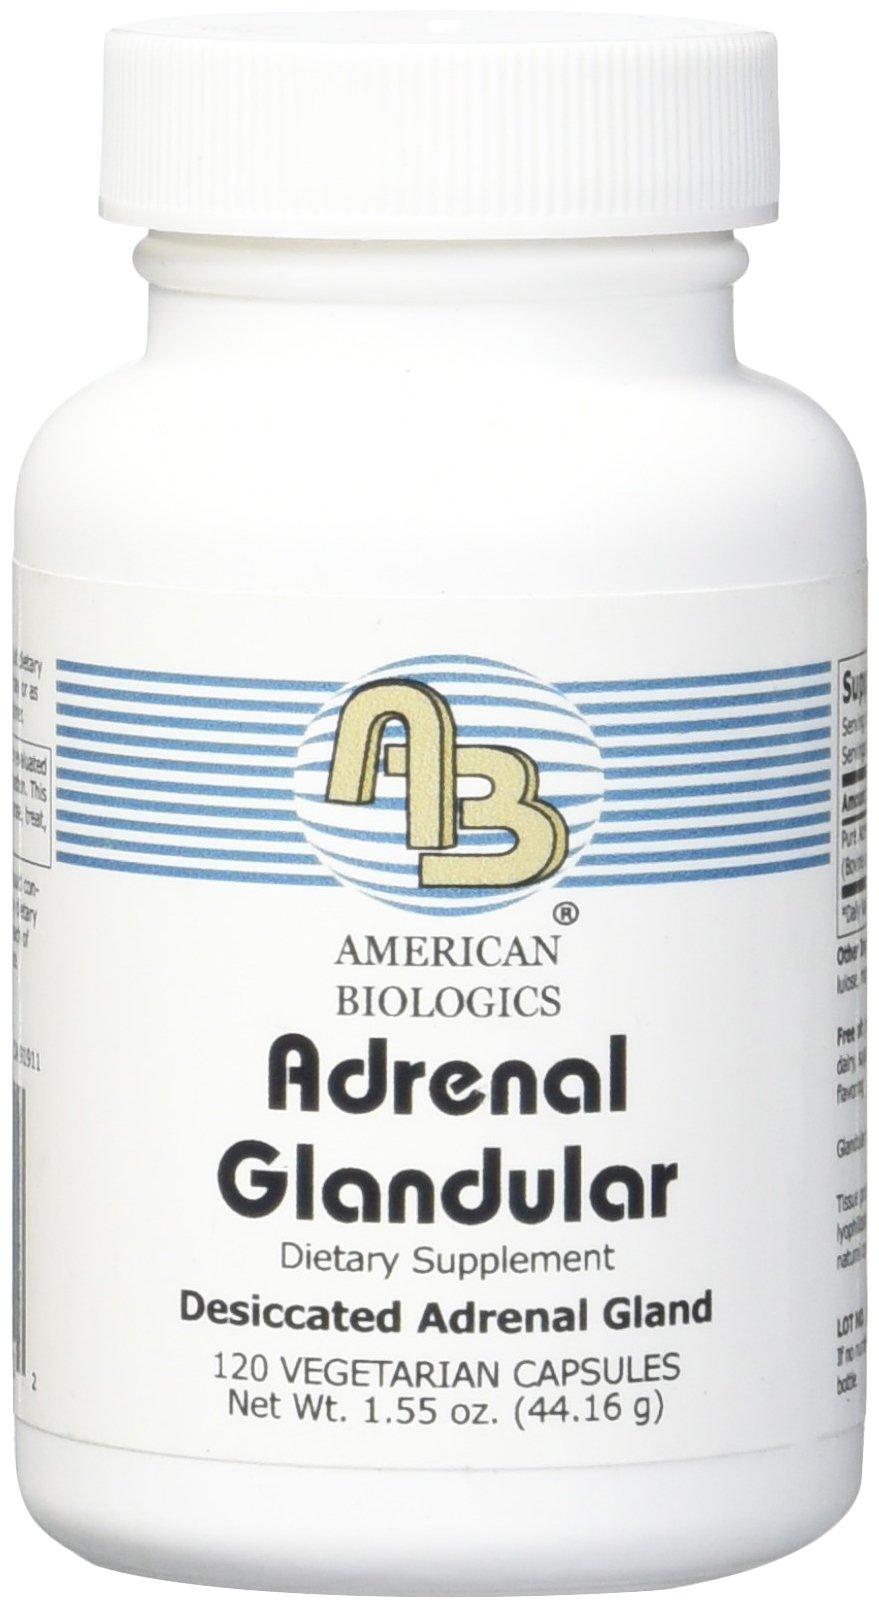 American Biologics Adrenal Glandular capsules 120 Count